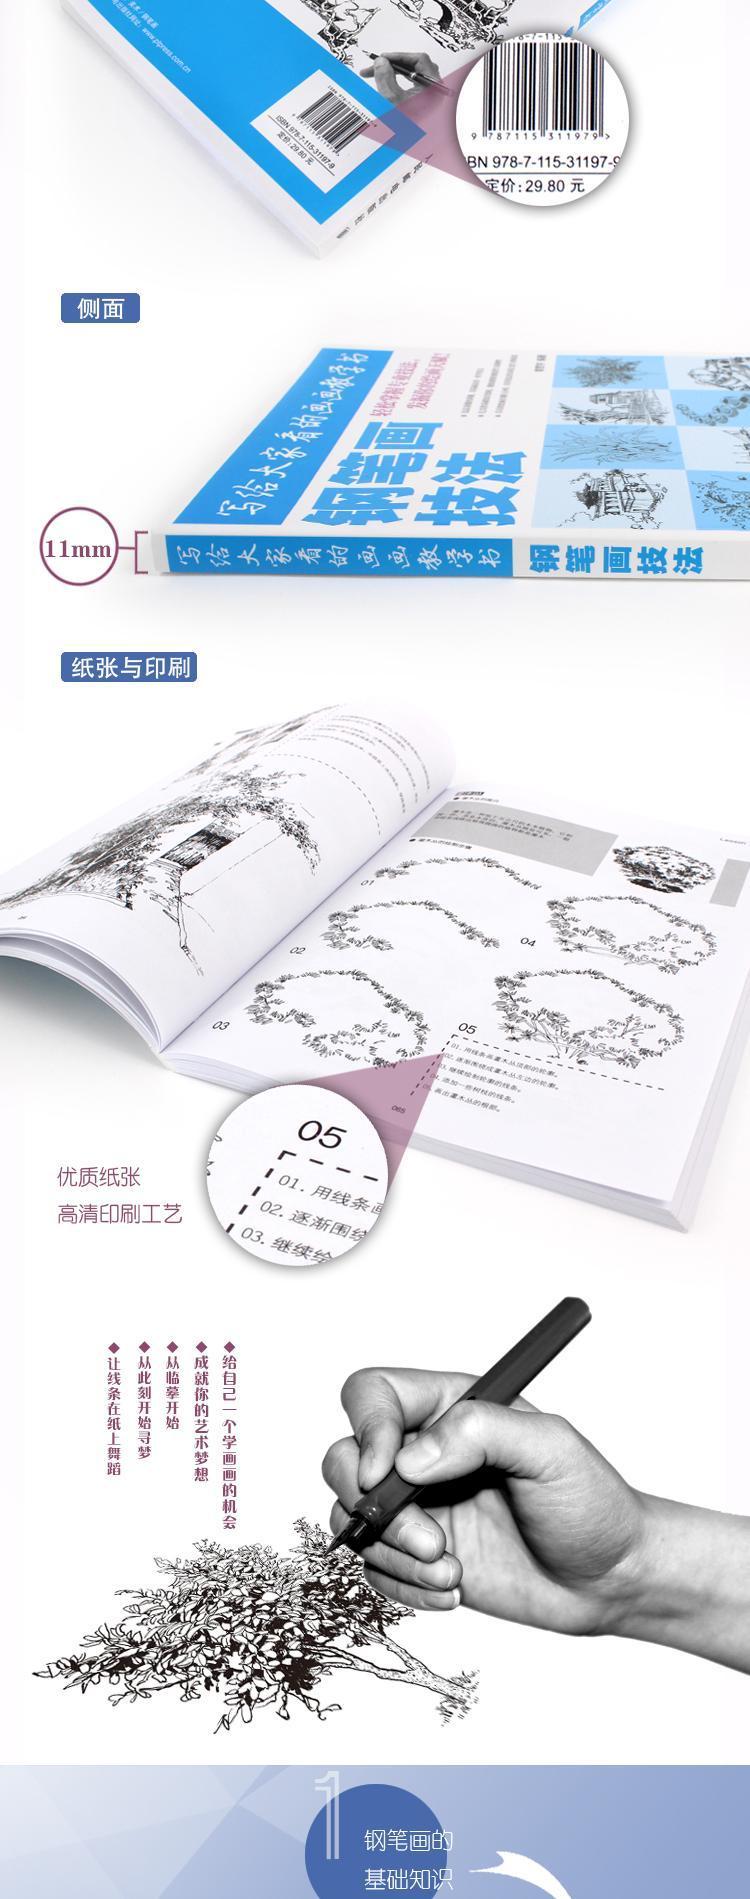 写给大家看的画画教学书(钢笔画技法)